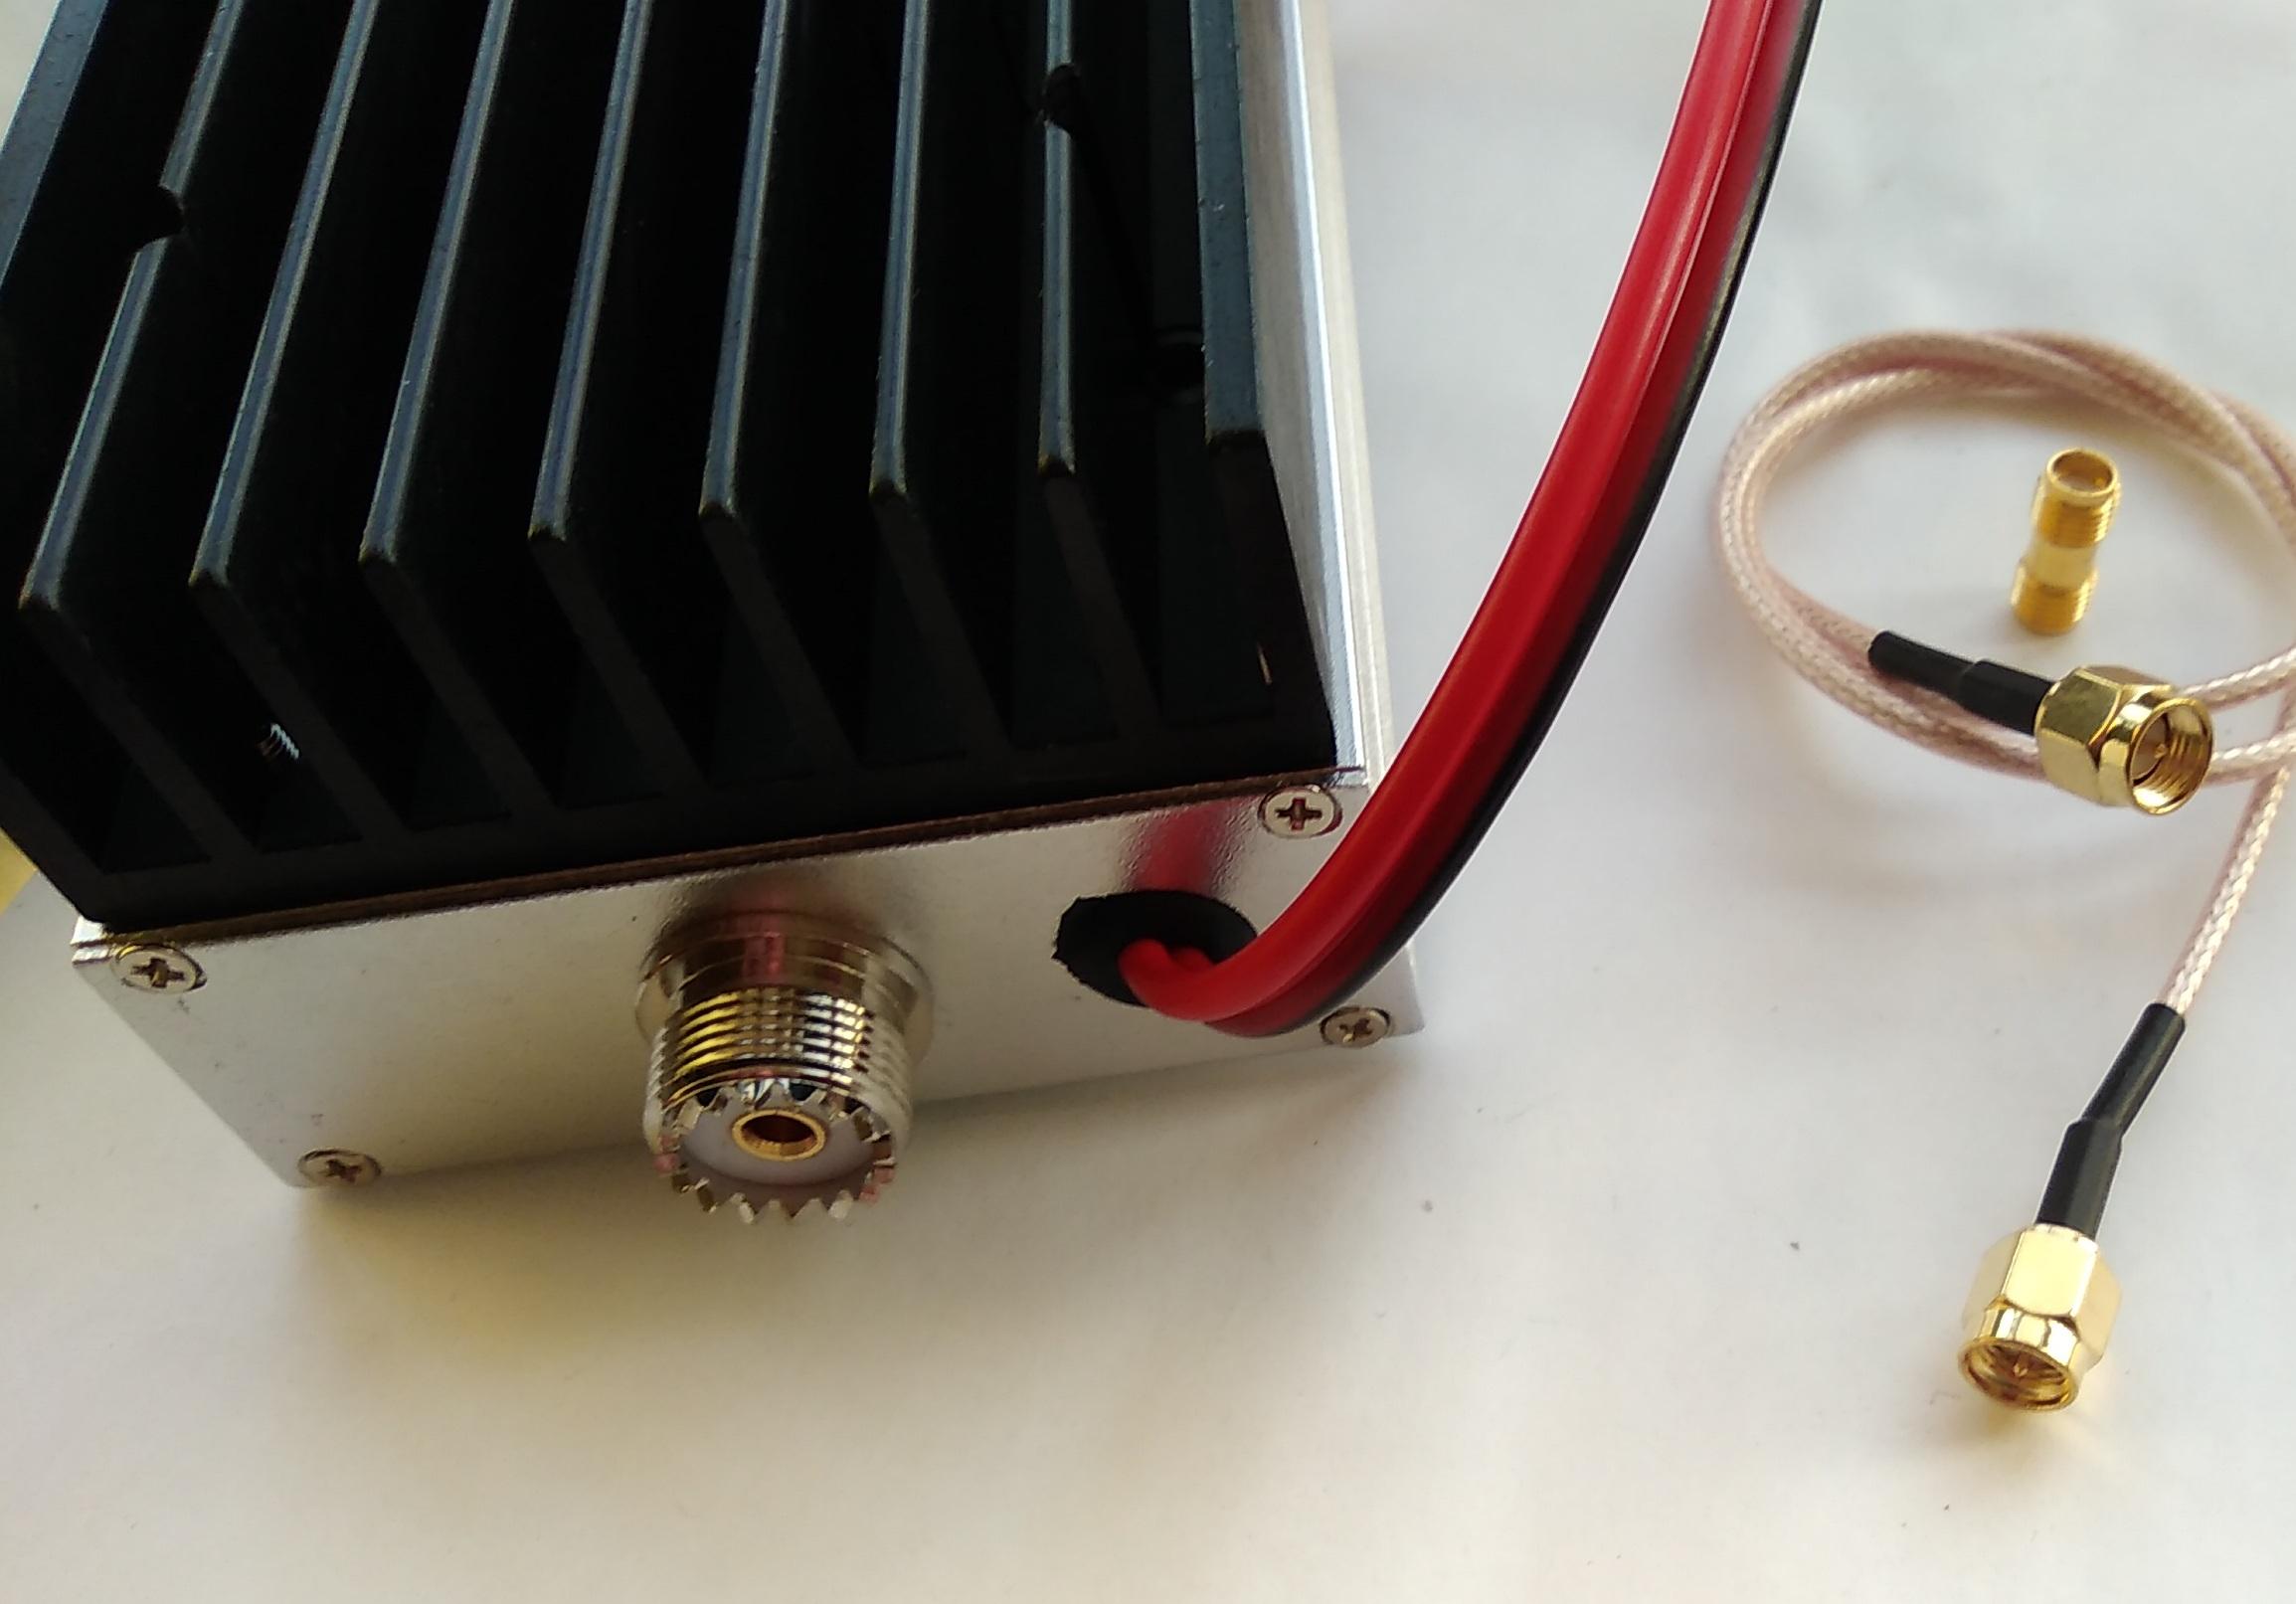 Hand console amplifier U-segment talkies amplifier 40W RF power amplifier 433 amplifier number transmission amplifier